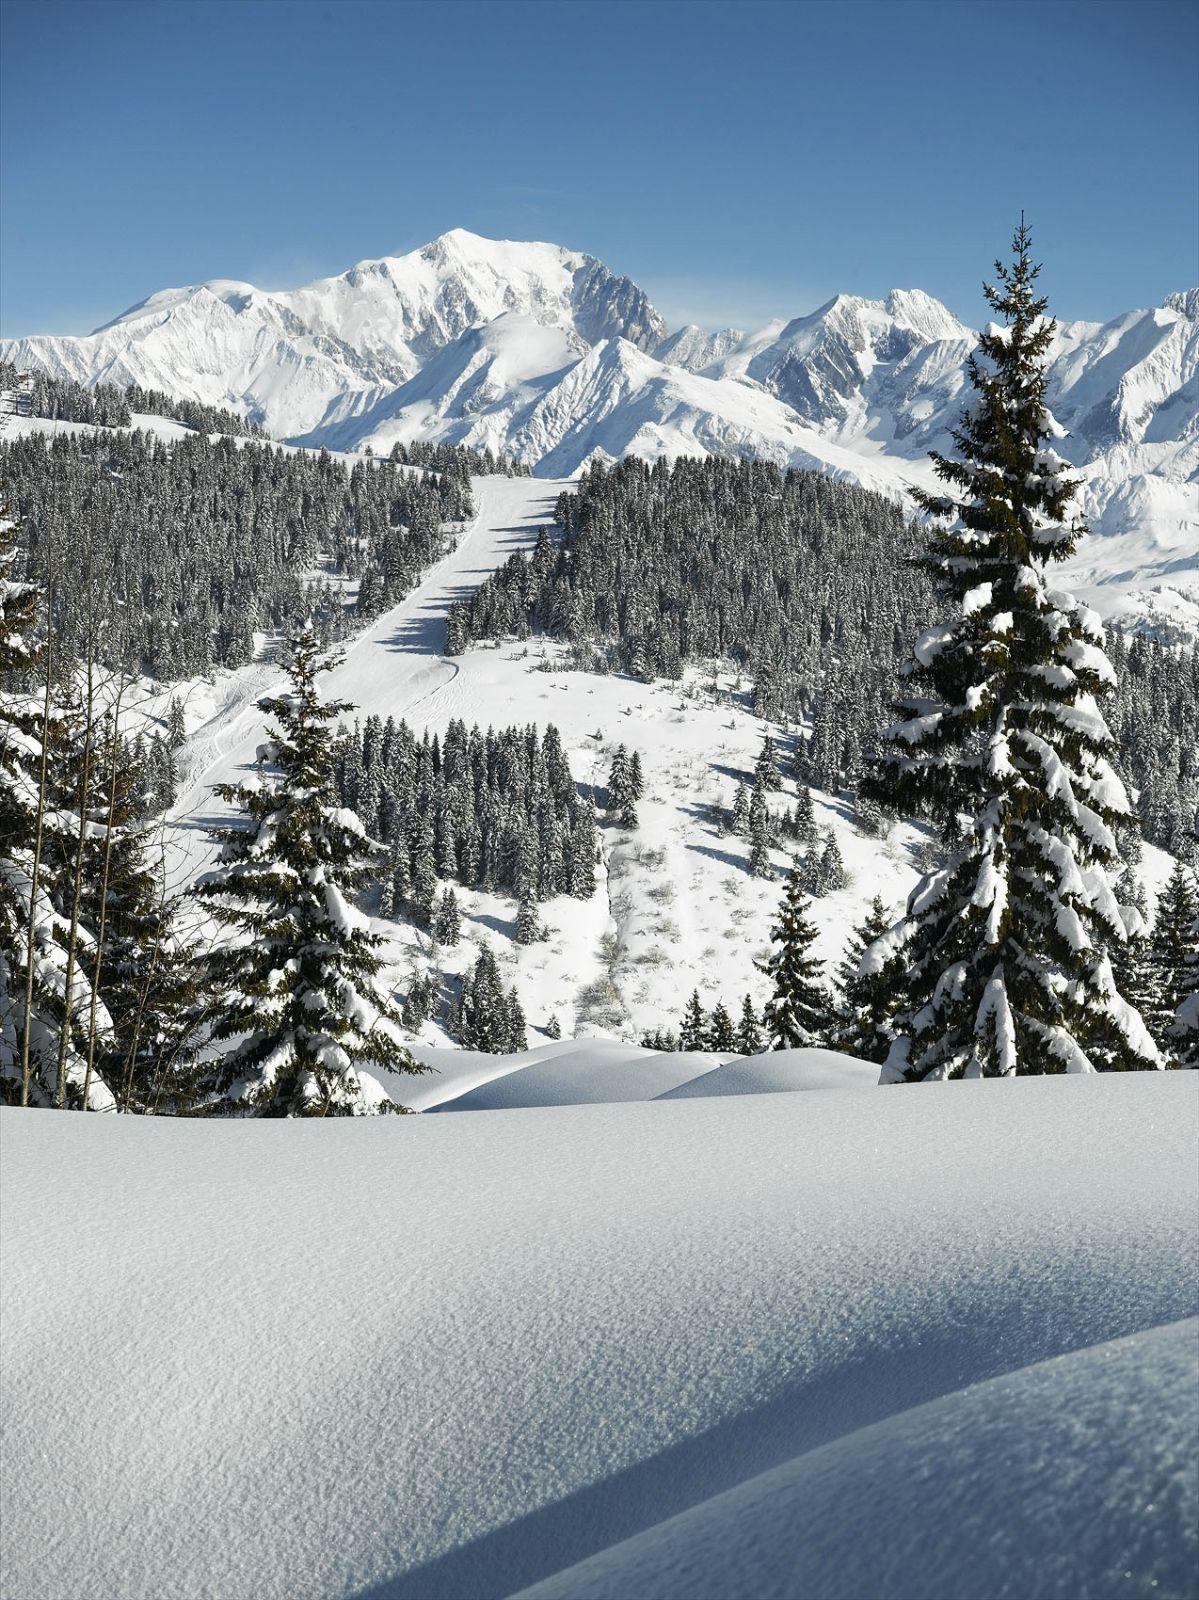 Les Saisies Savoie Le Mont Blanc Qui Surplombe La Station Paysage Hiver Montagne Paysage Hiver Neige Paysage Neige Montagne